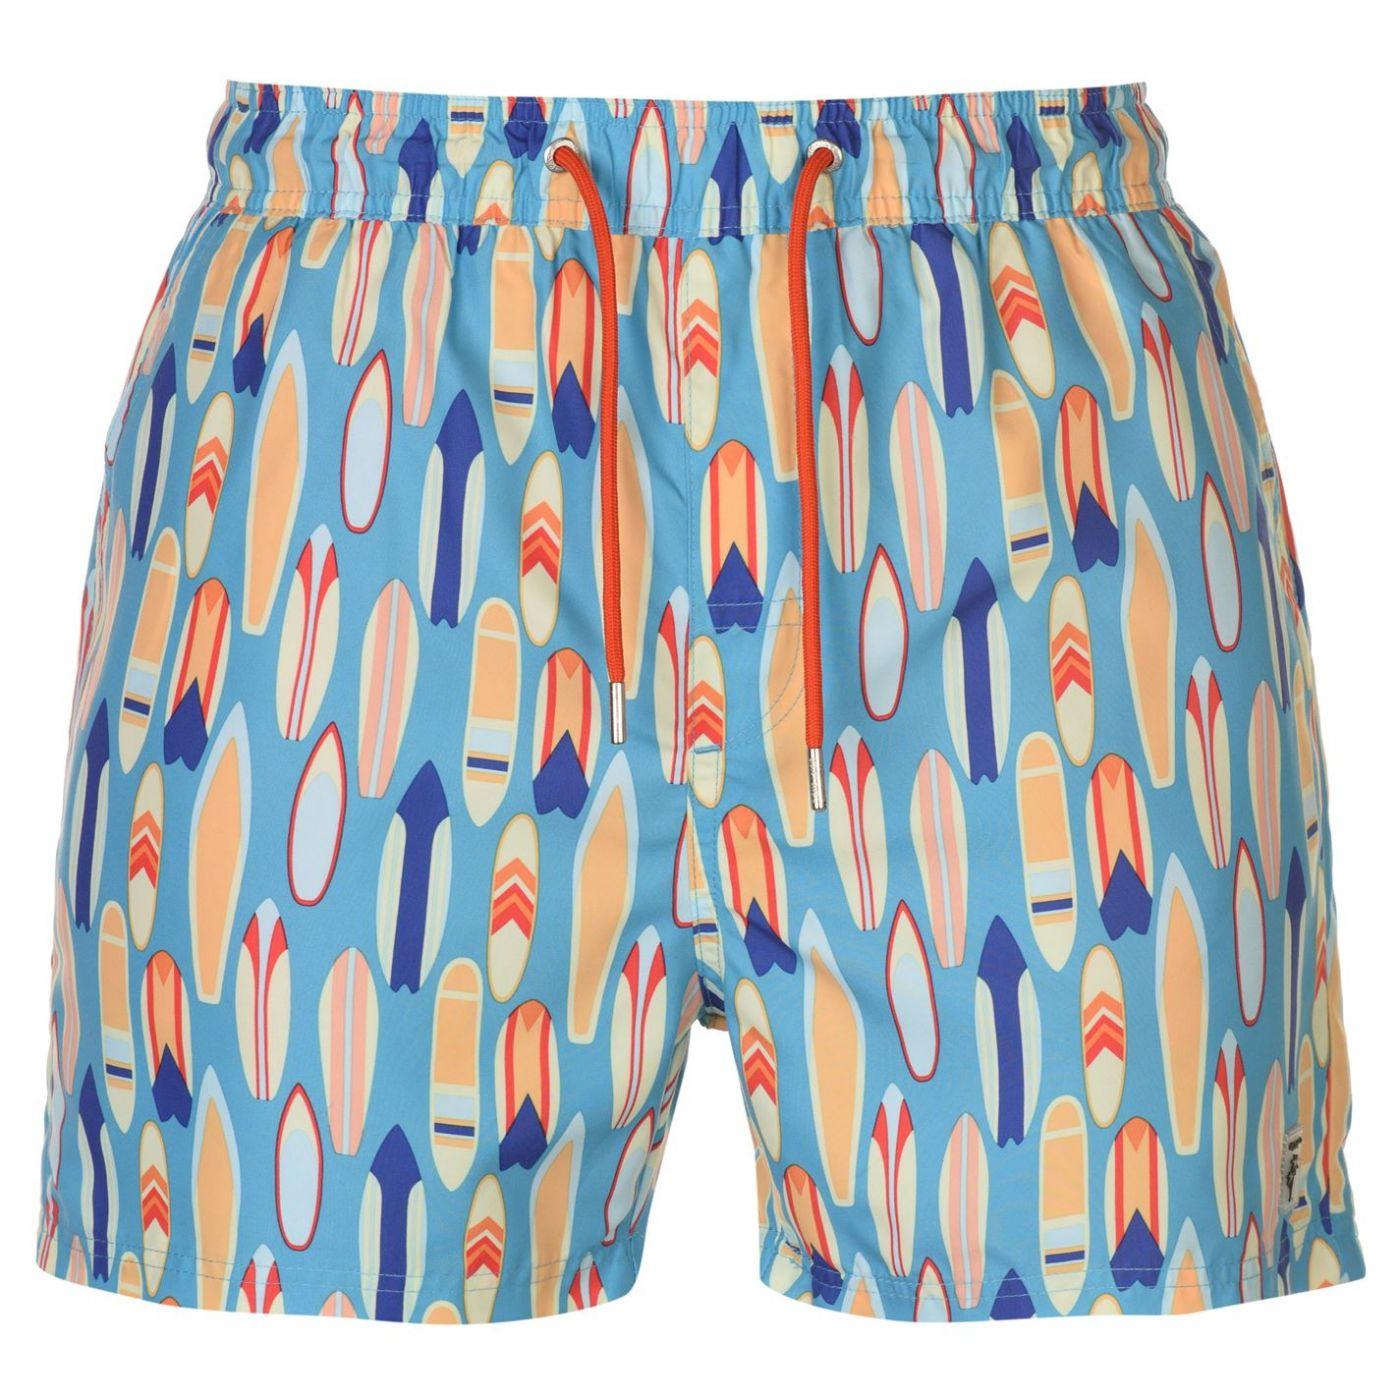 Men's swimwear Pierre Cardin AOP